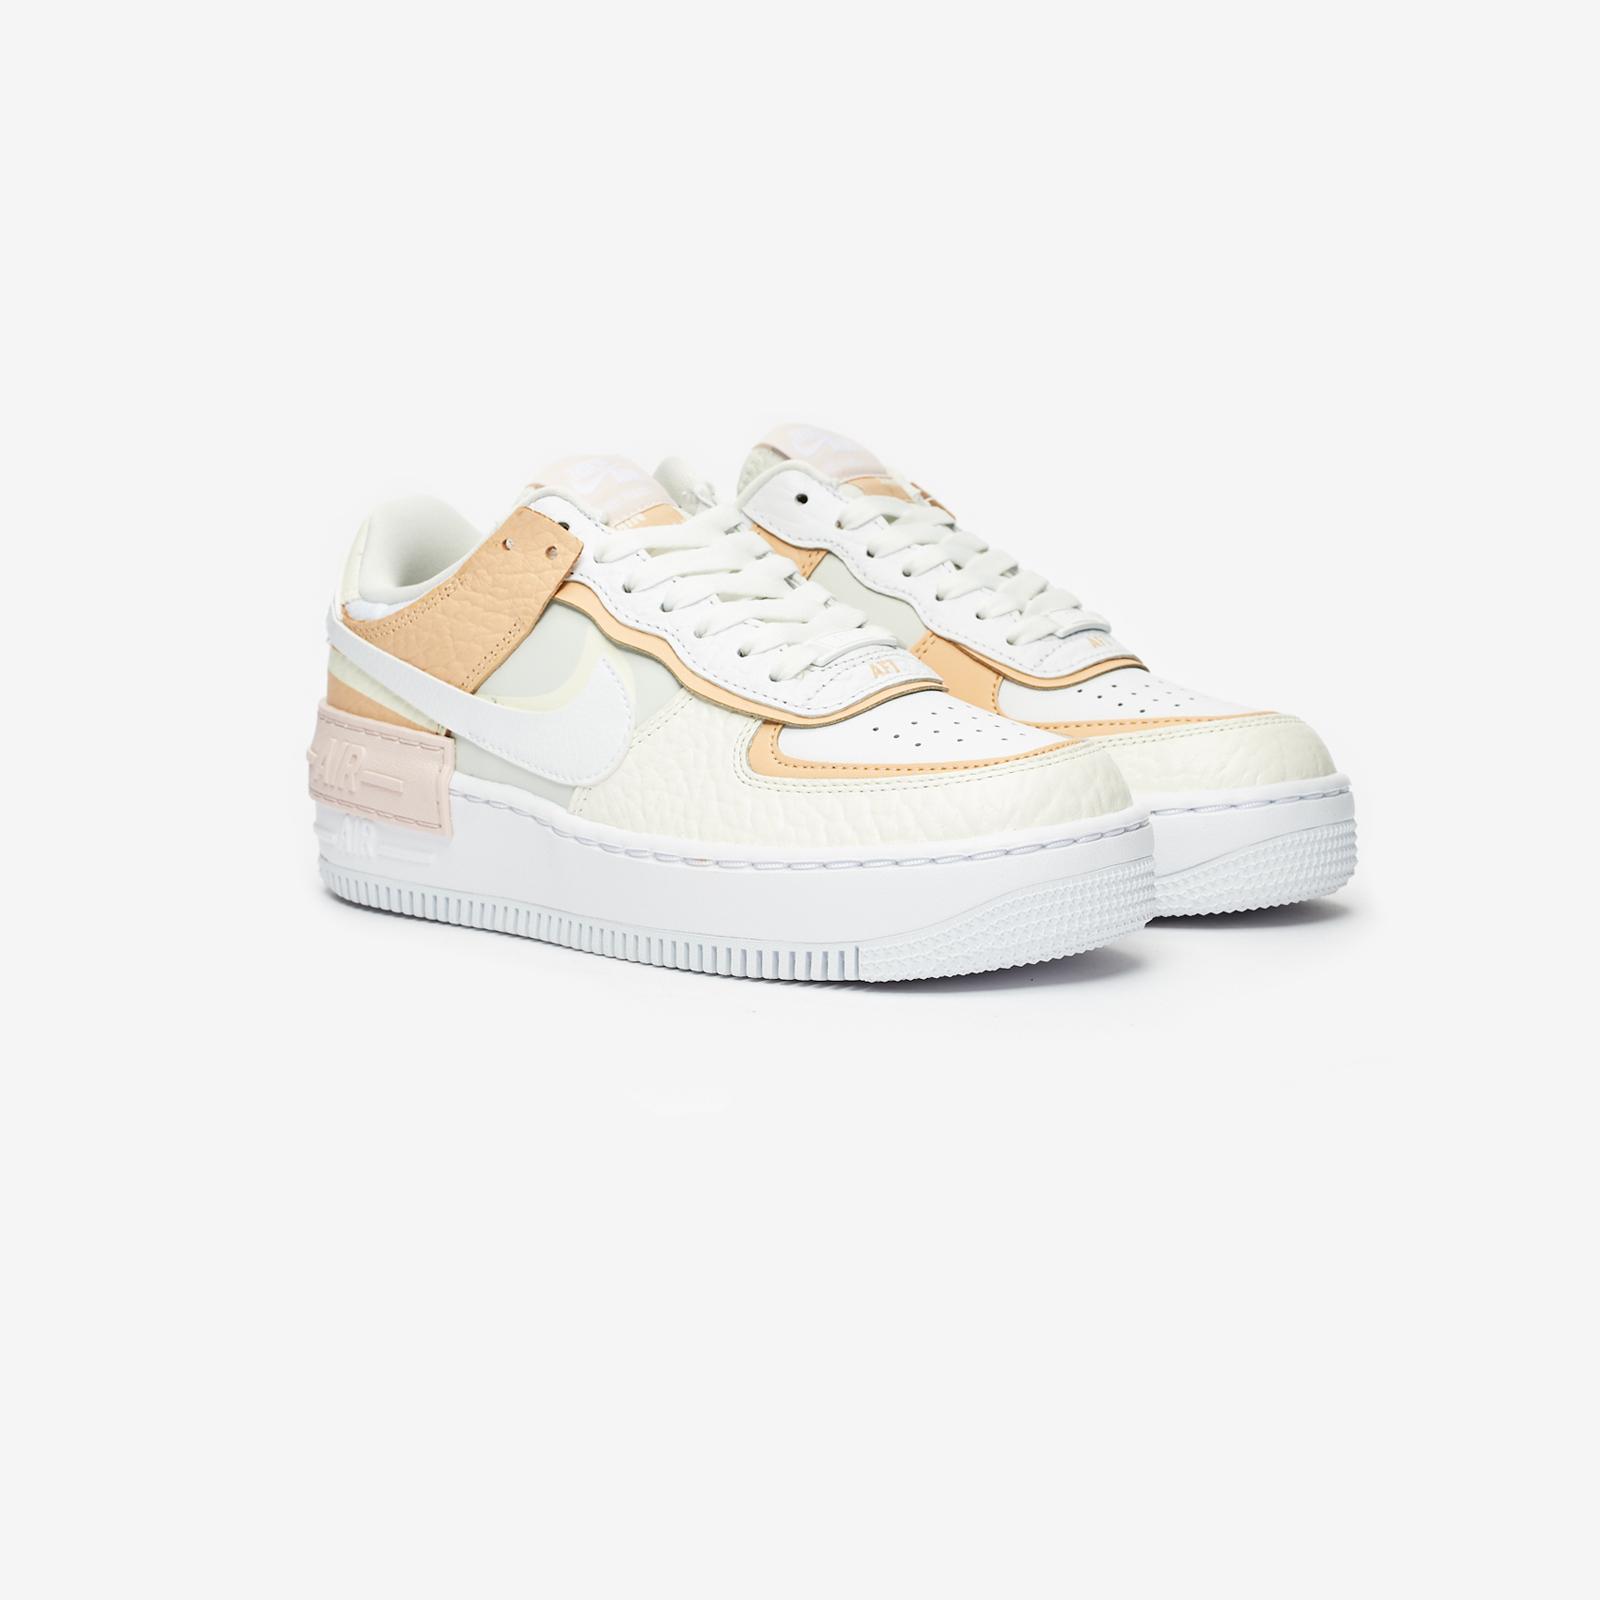 Nike Af1 Shadow Se Ck3172 002 Sneakersnstuff Sneakers